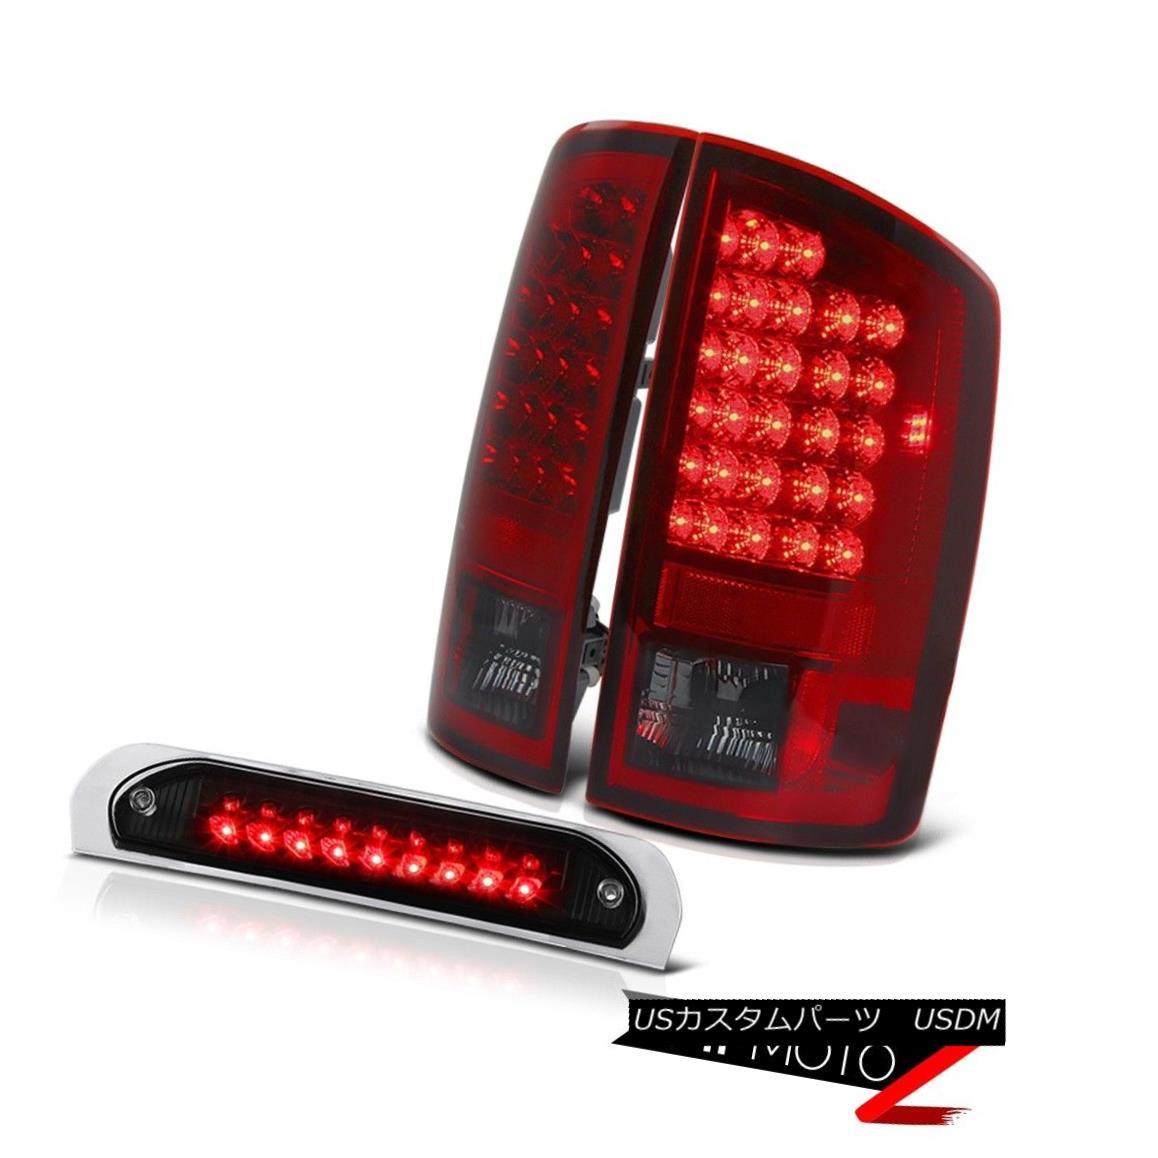 テールライト Dark Red LED Rear Tail Lights Roof Brake Cargo Lamps 2002 03 04 05 Ram PowerTech ダークレッドLEDリアテールライトルーフブレーキカーゴランプ2002 03 04 05 Ram PowerTech